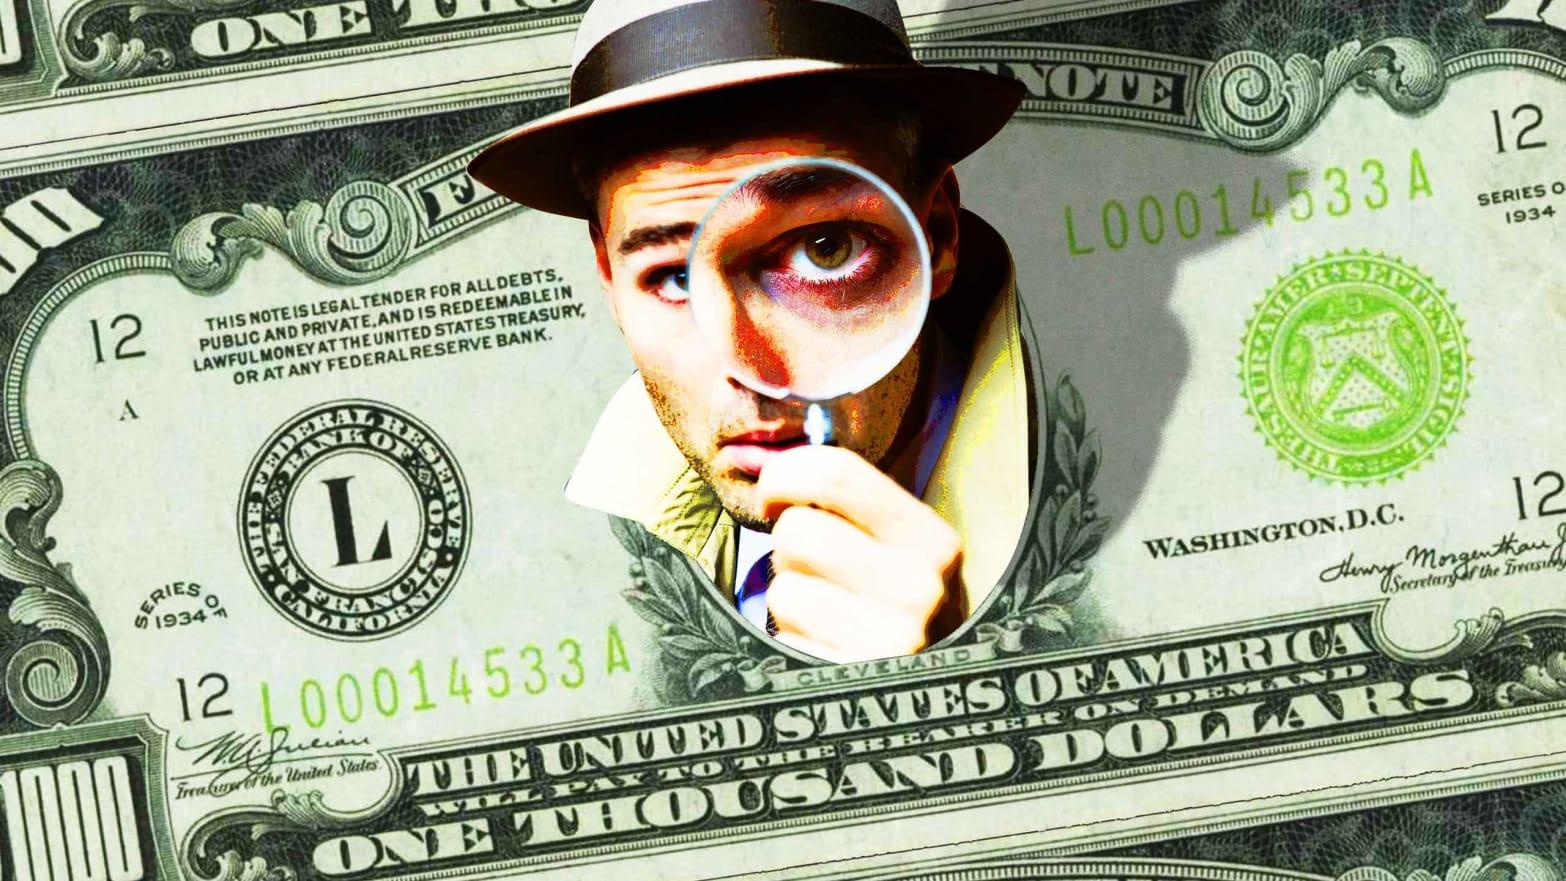 You Can Spy Like the NSA for a Few Thousand Bucks